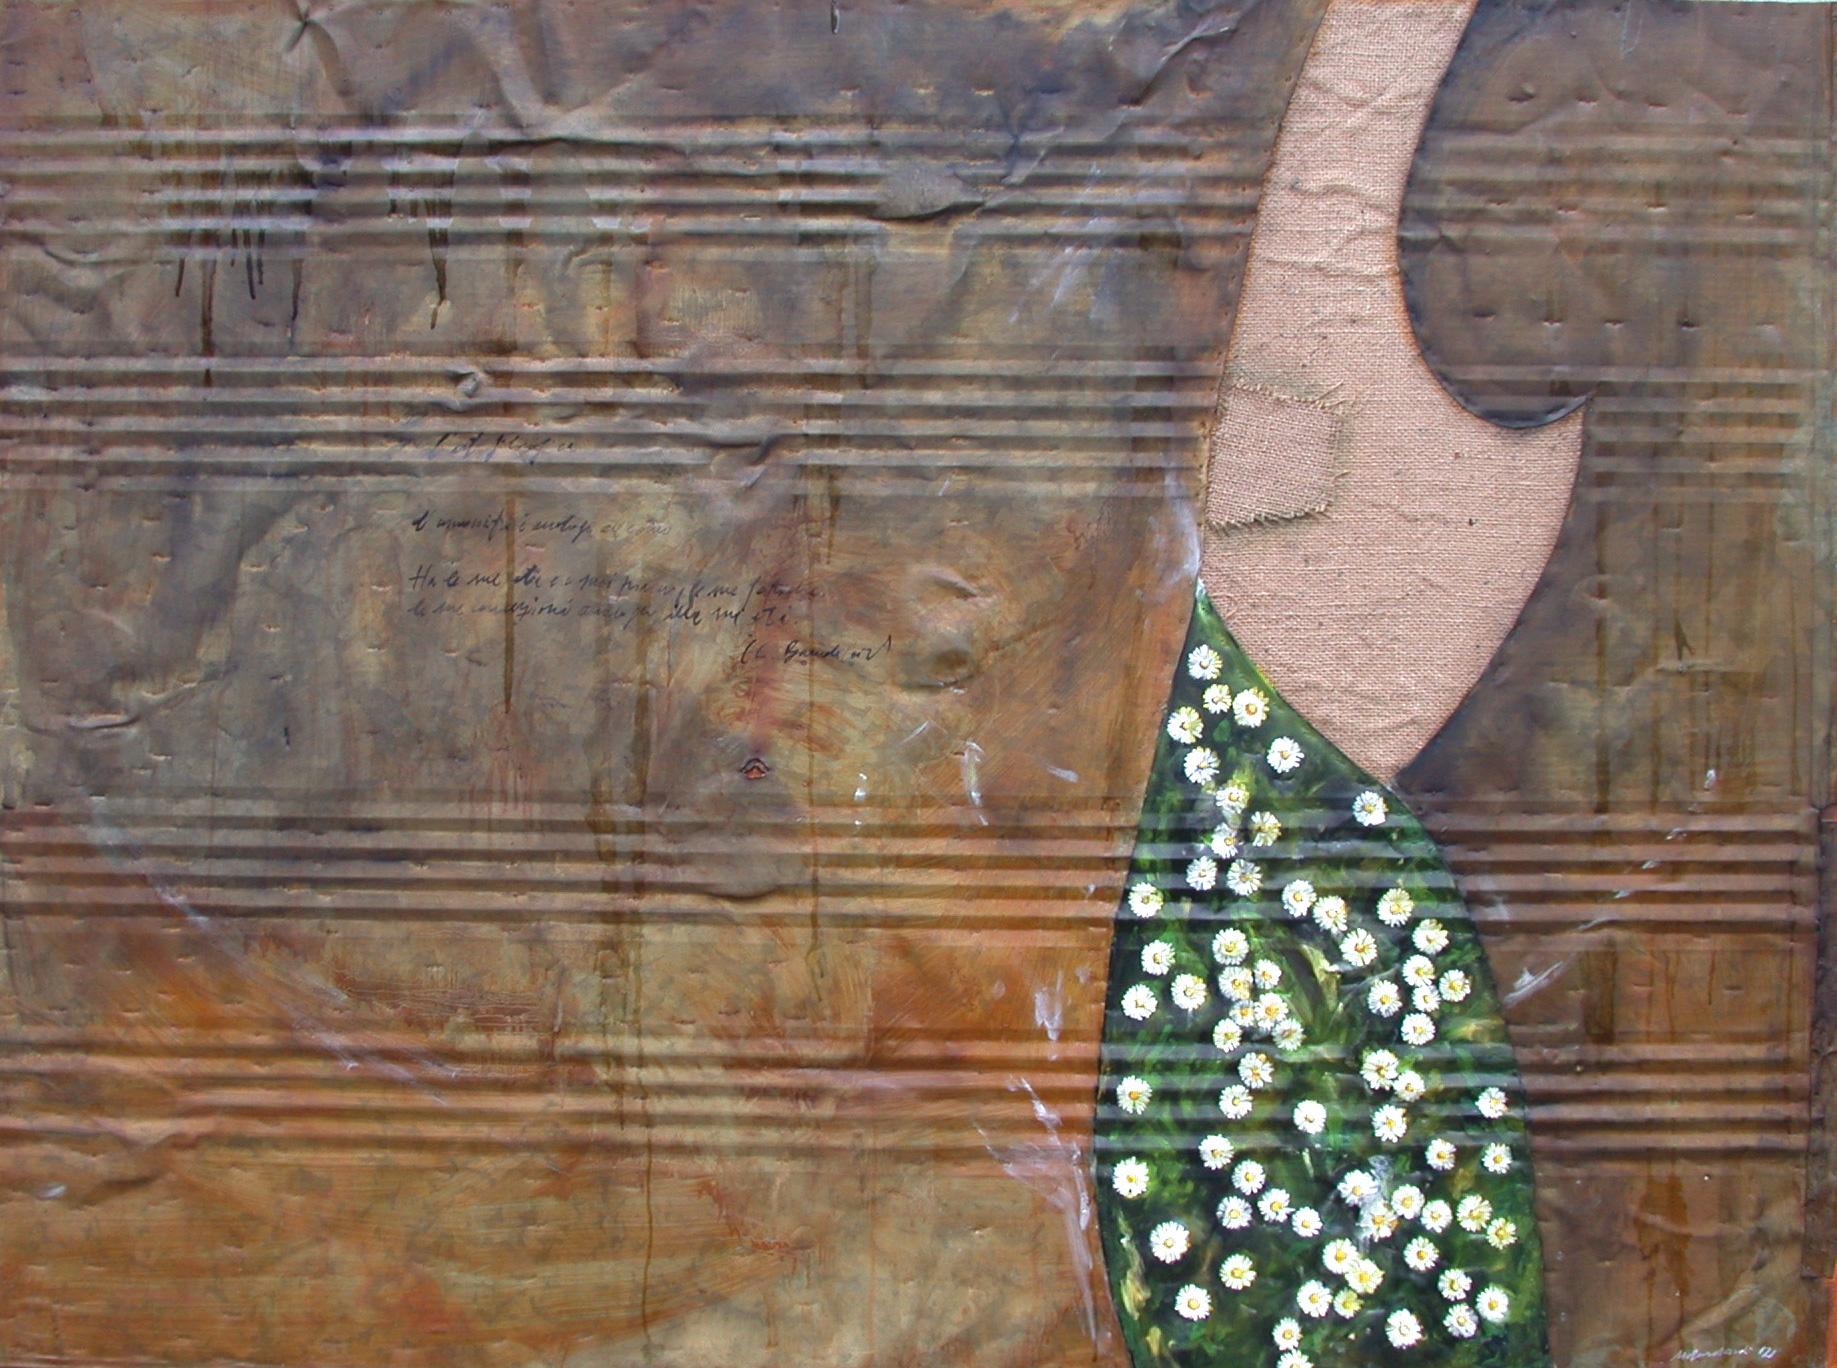 Margherite, olio su lamiera su legno, 120x190 cm, 2000, <br>Collezione Privata